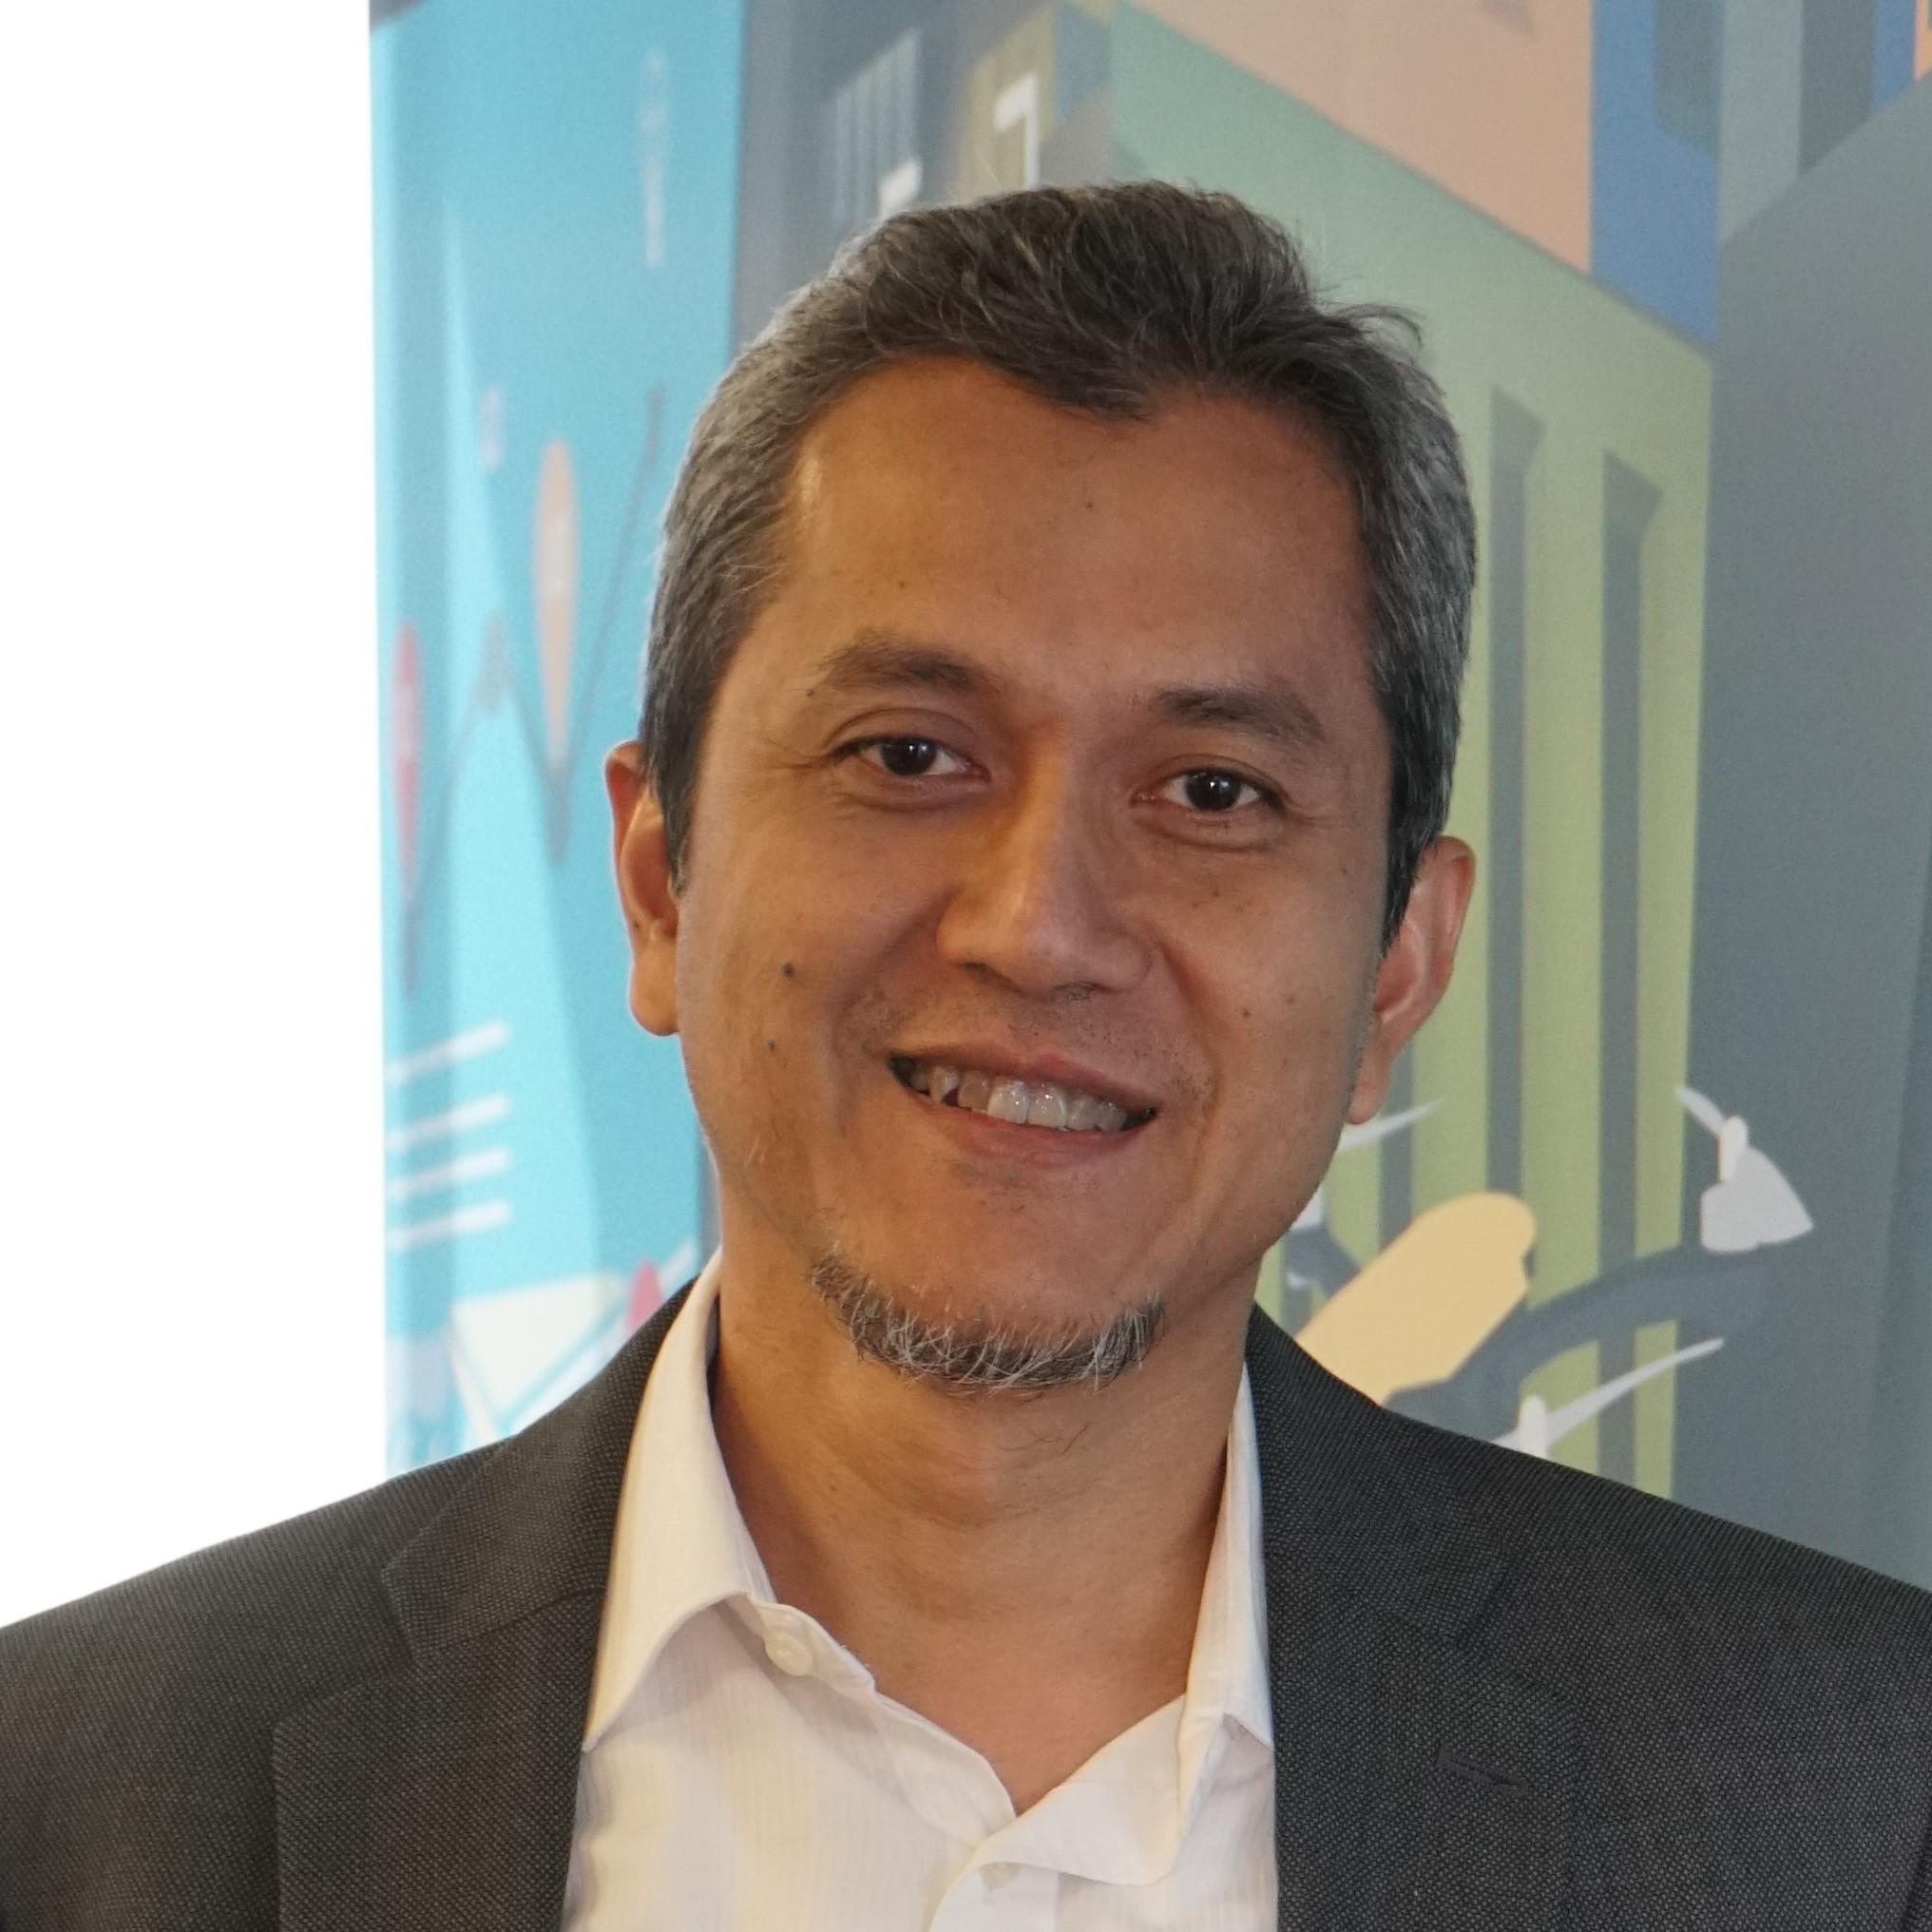 Rudy Afandi